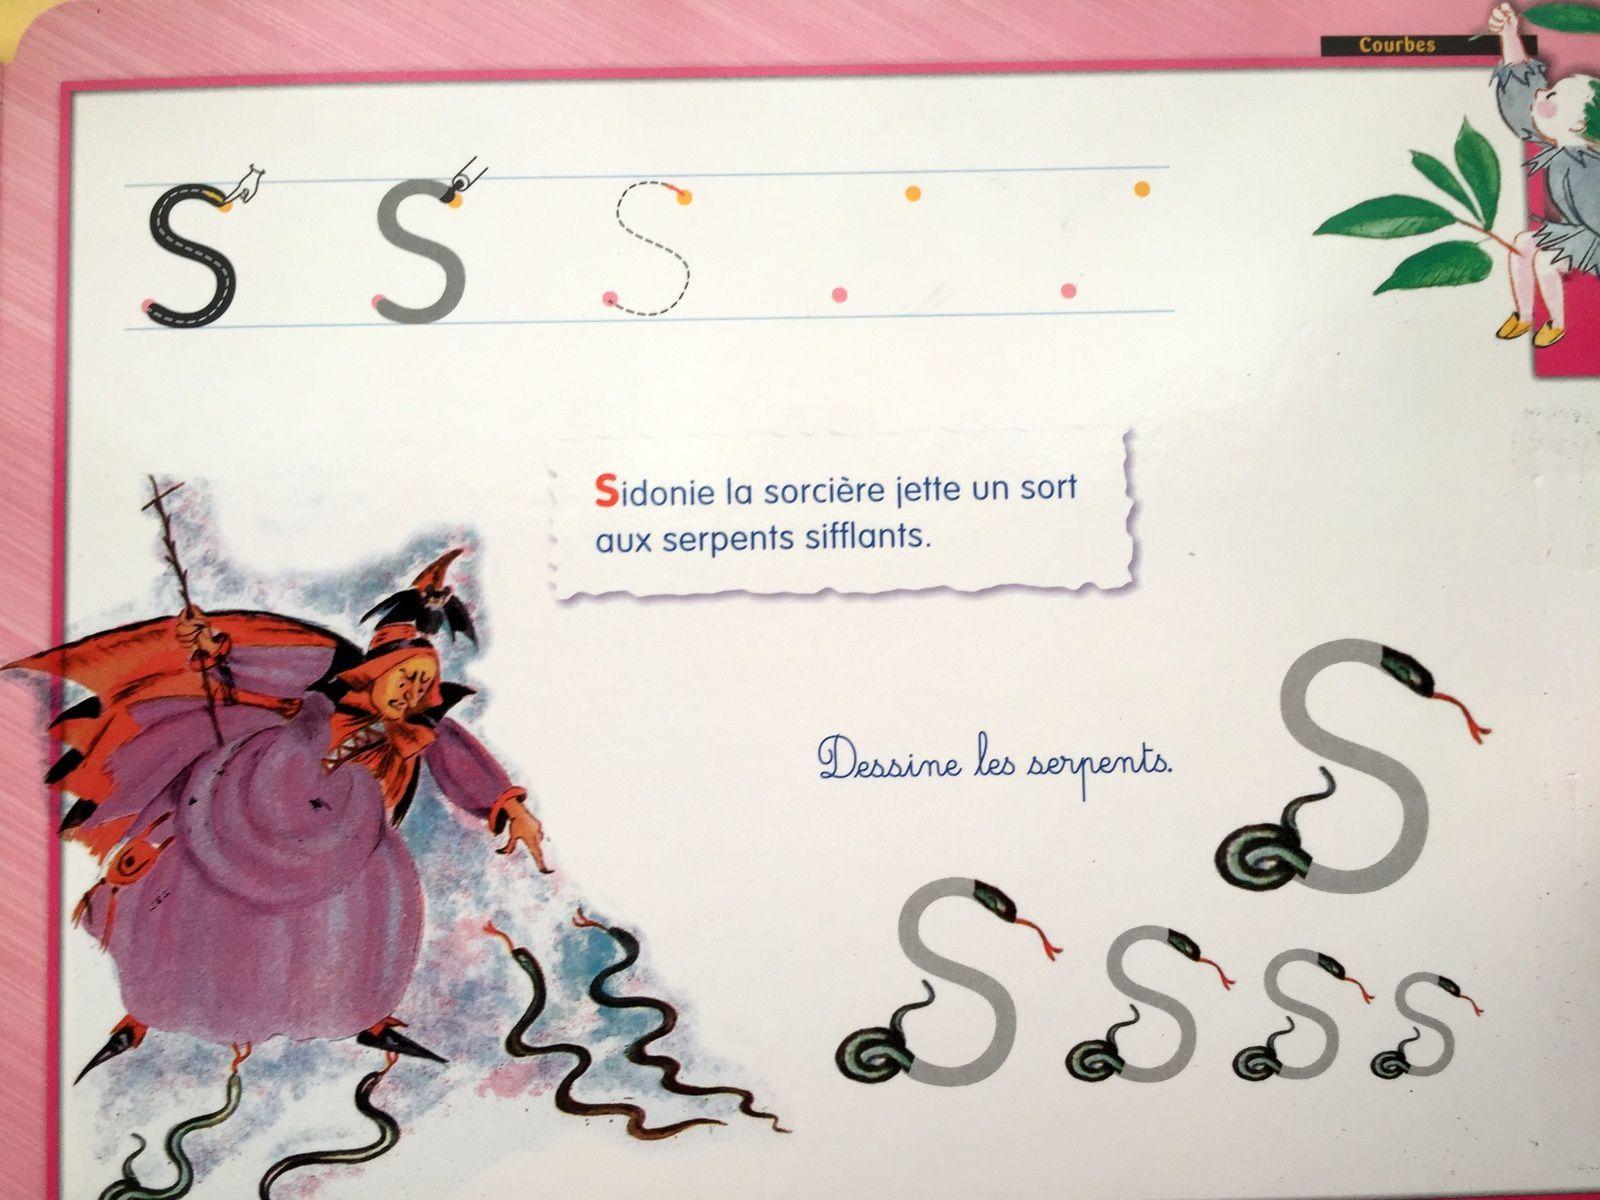 """#apprendreàécrire ardoise magique """"j'apprends à tracer """" j'écris j'efface je progresse! collection les petits ardoises editions belin"""